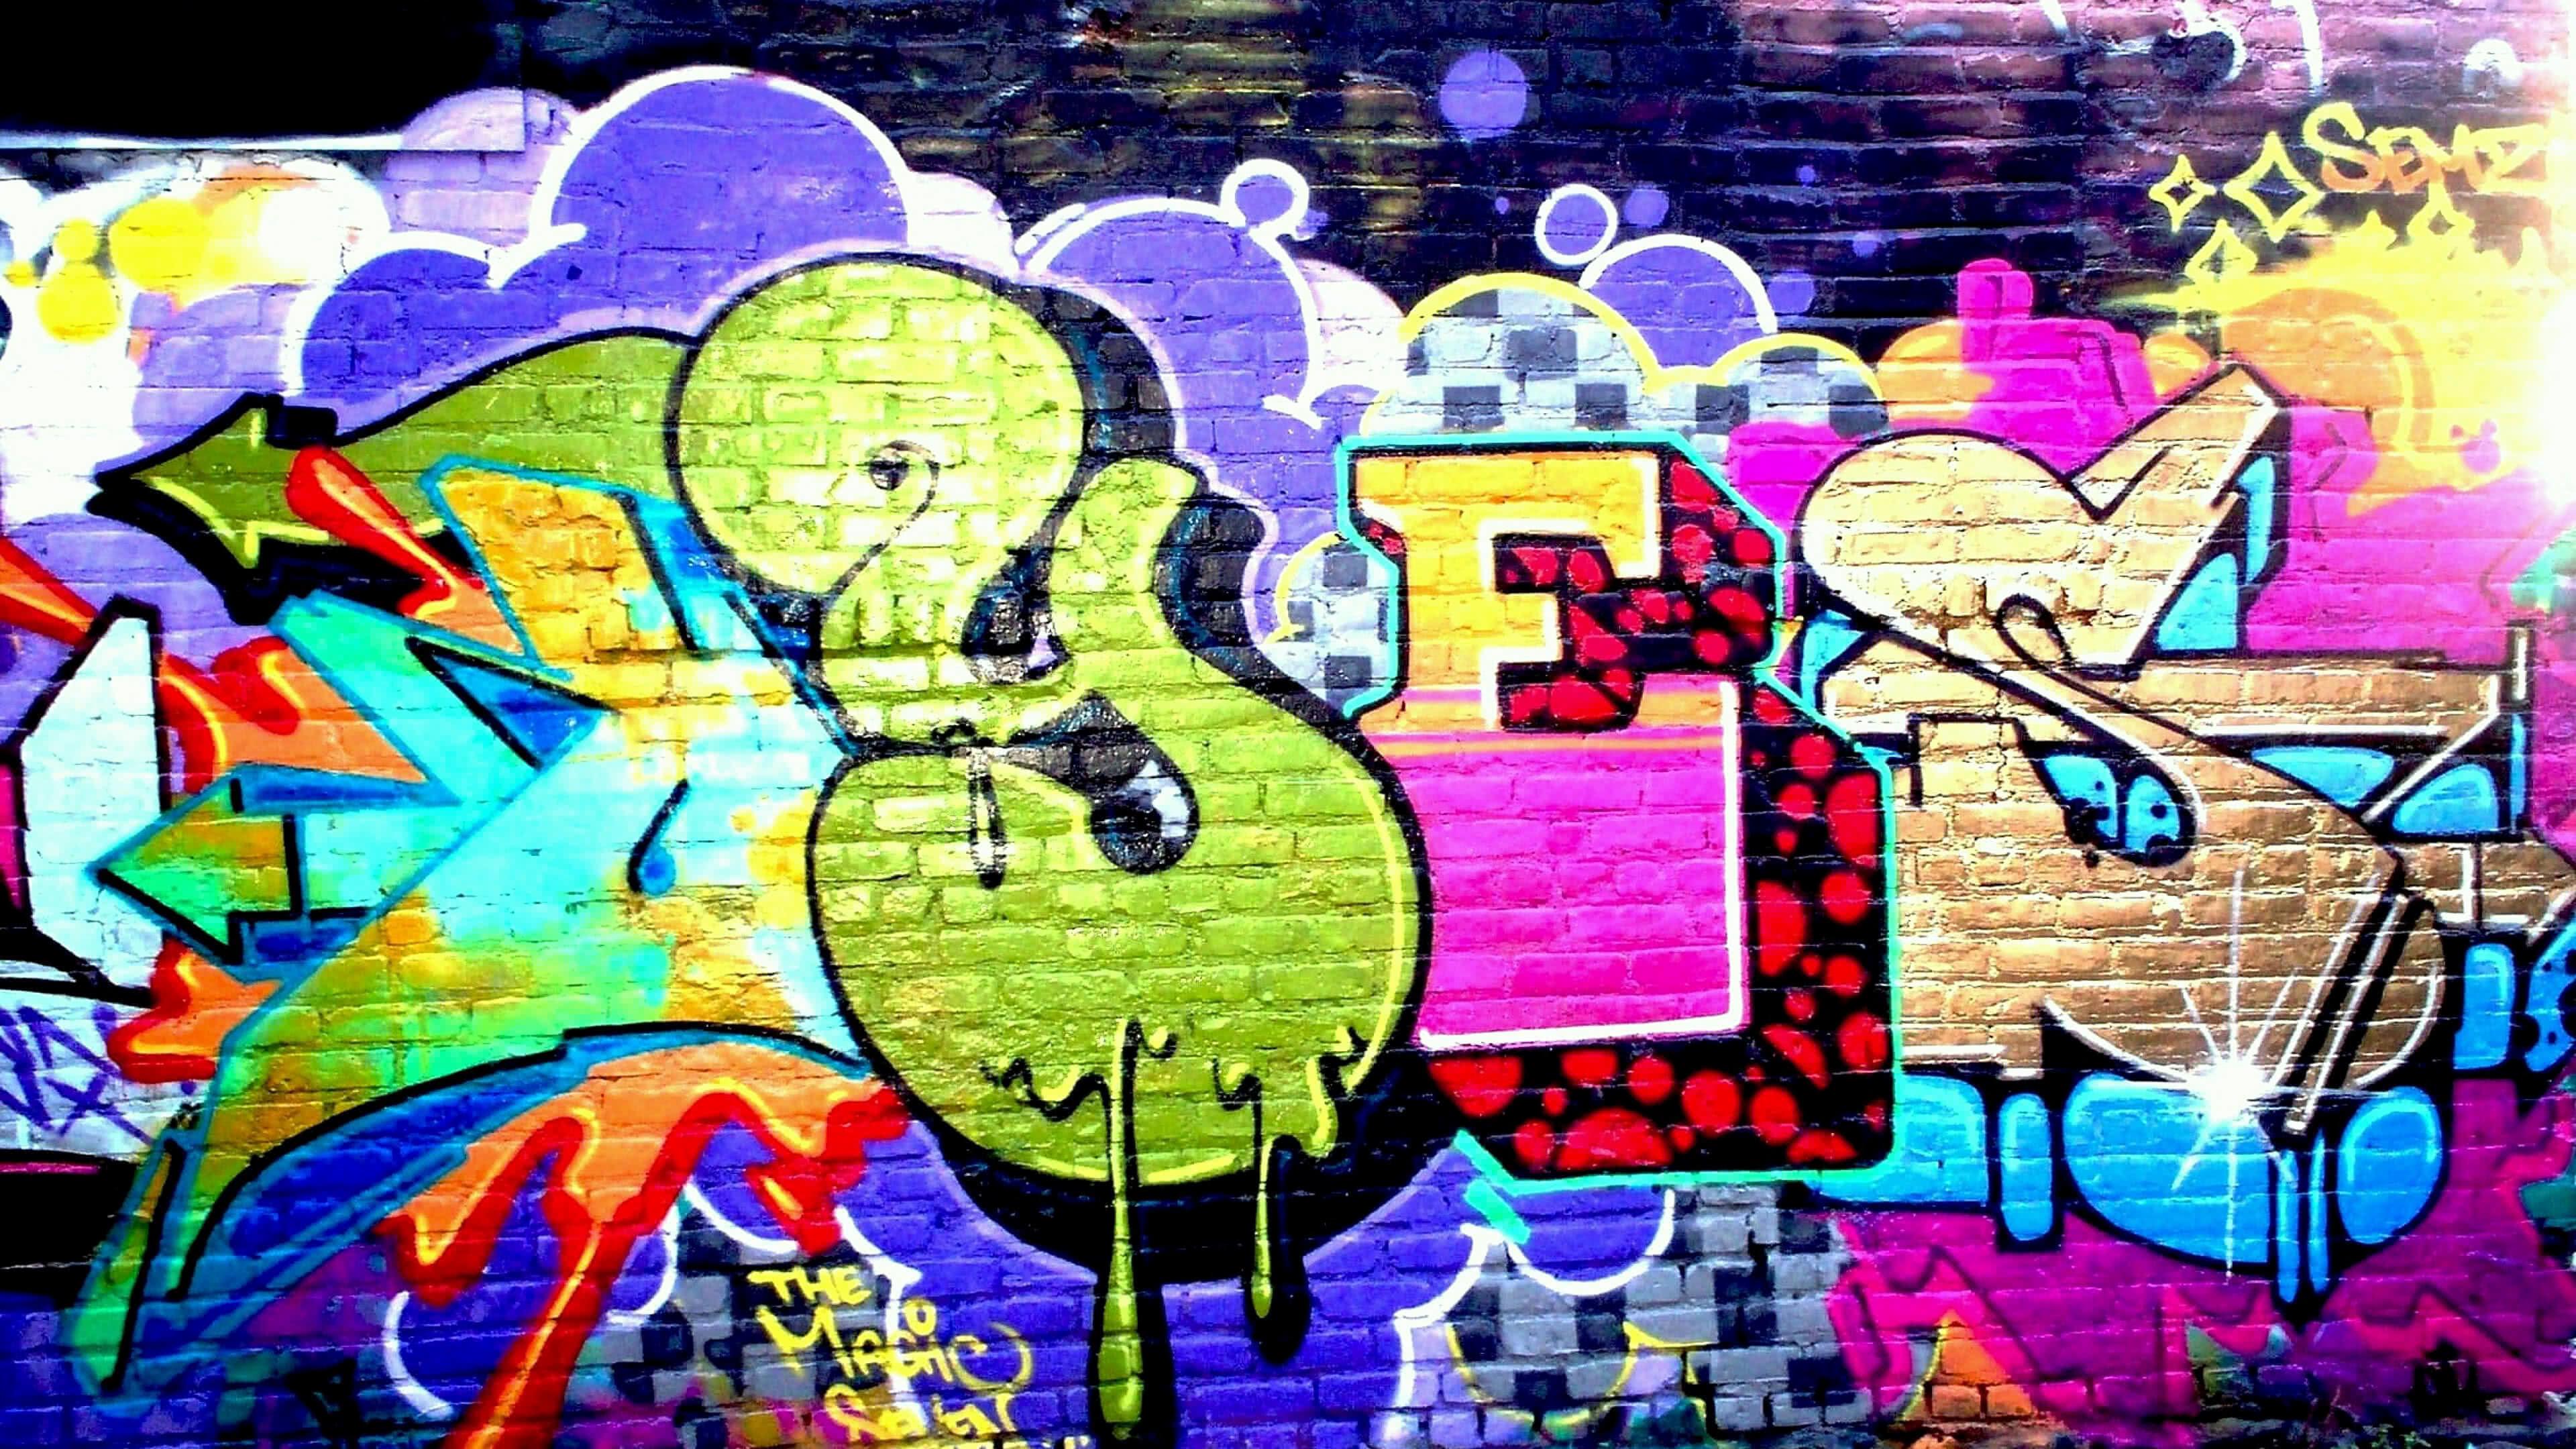 yes graffiti art on a brick wall uhd 4k wallpaper | pixelz